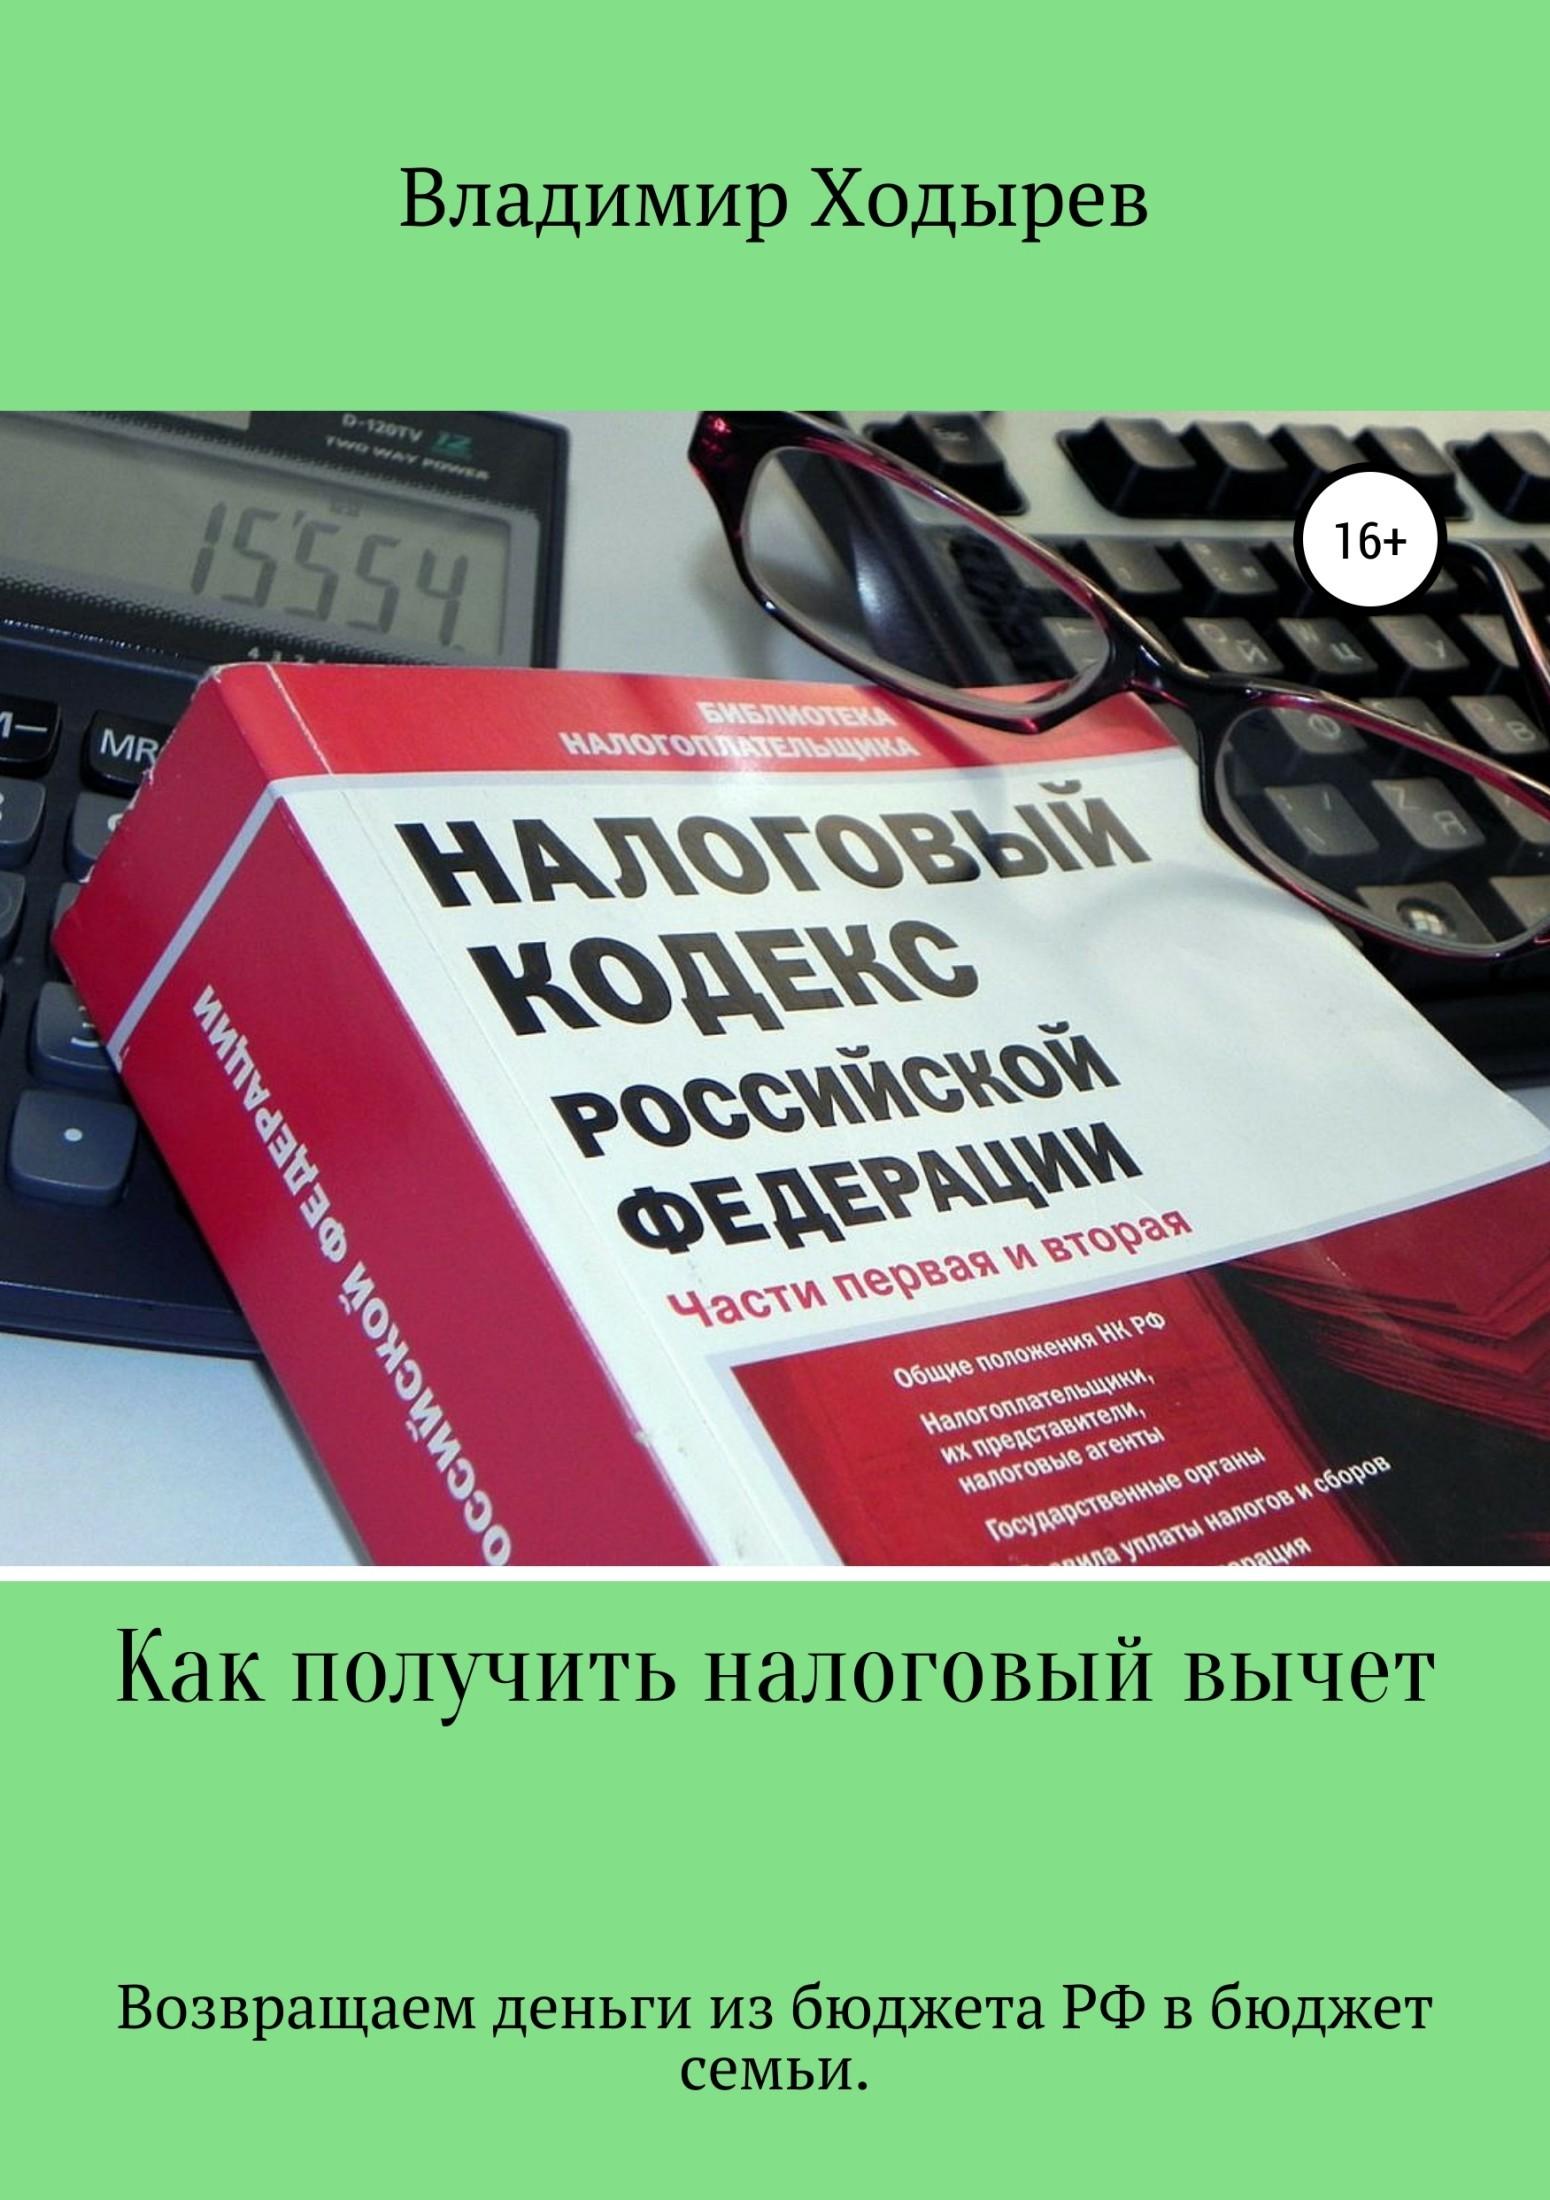 Обложка книги. Автор - Владимир Ходырев